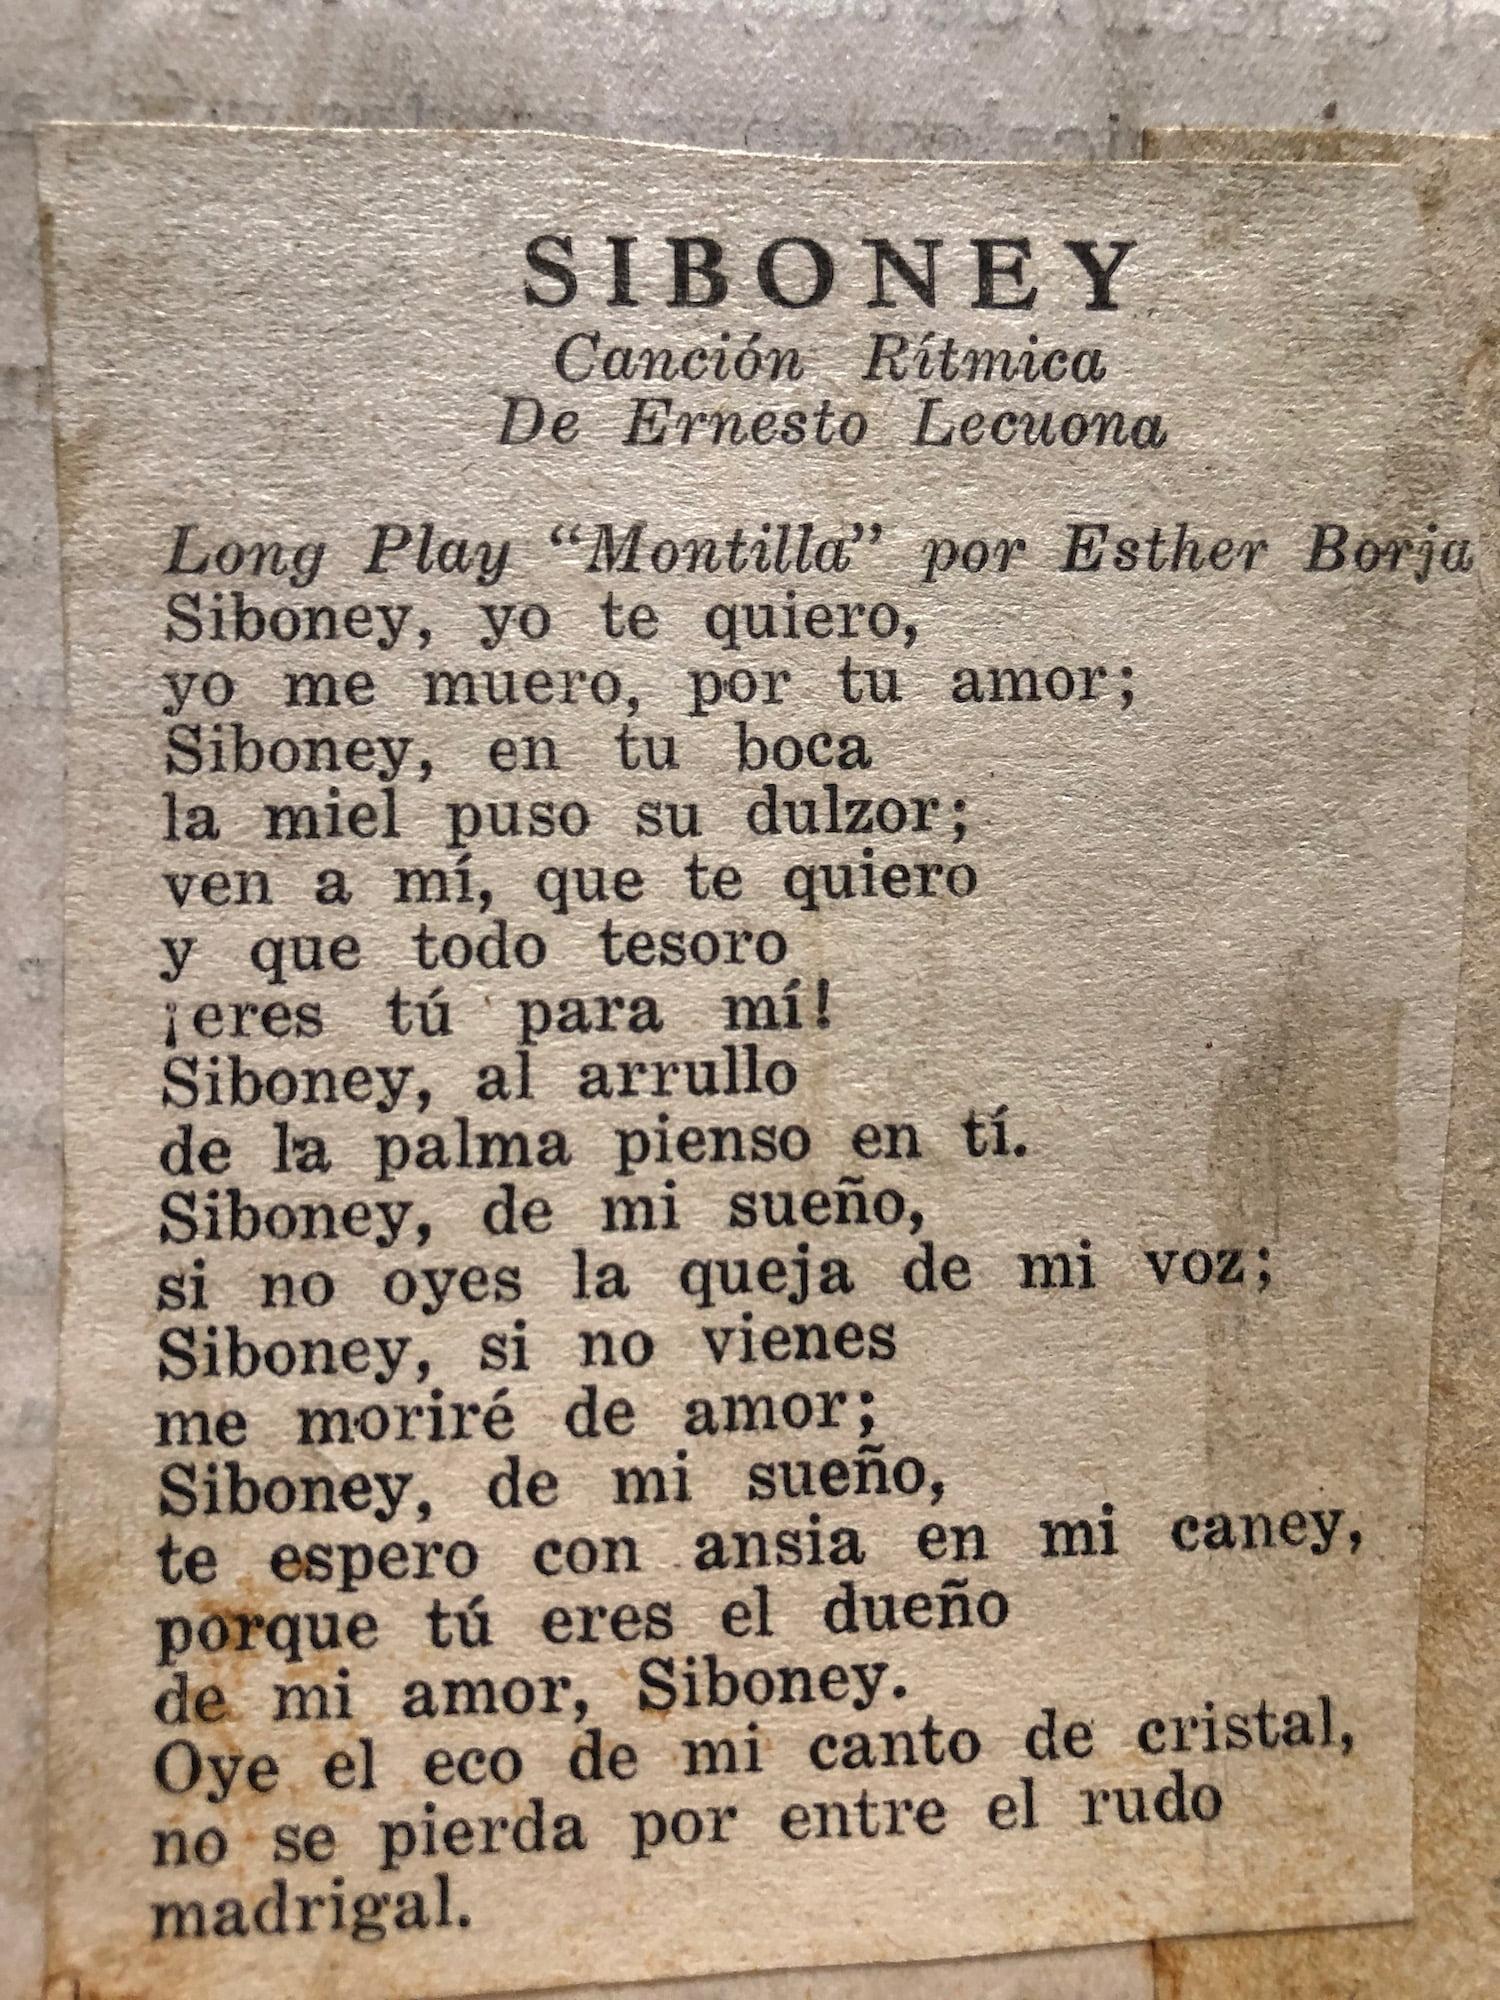 Siboney Original Lyrics